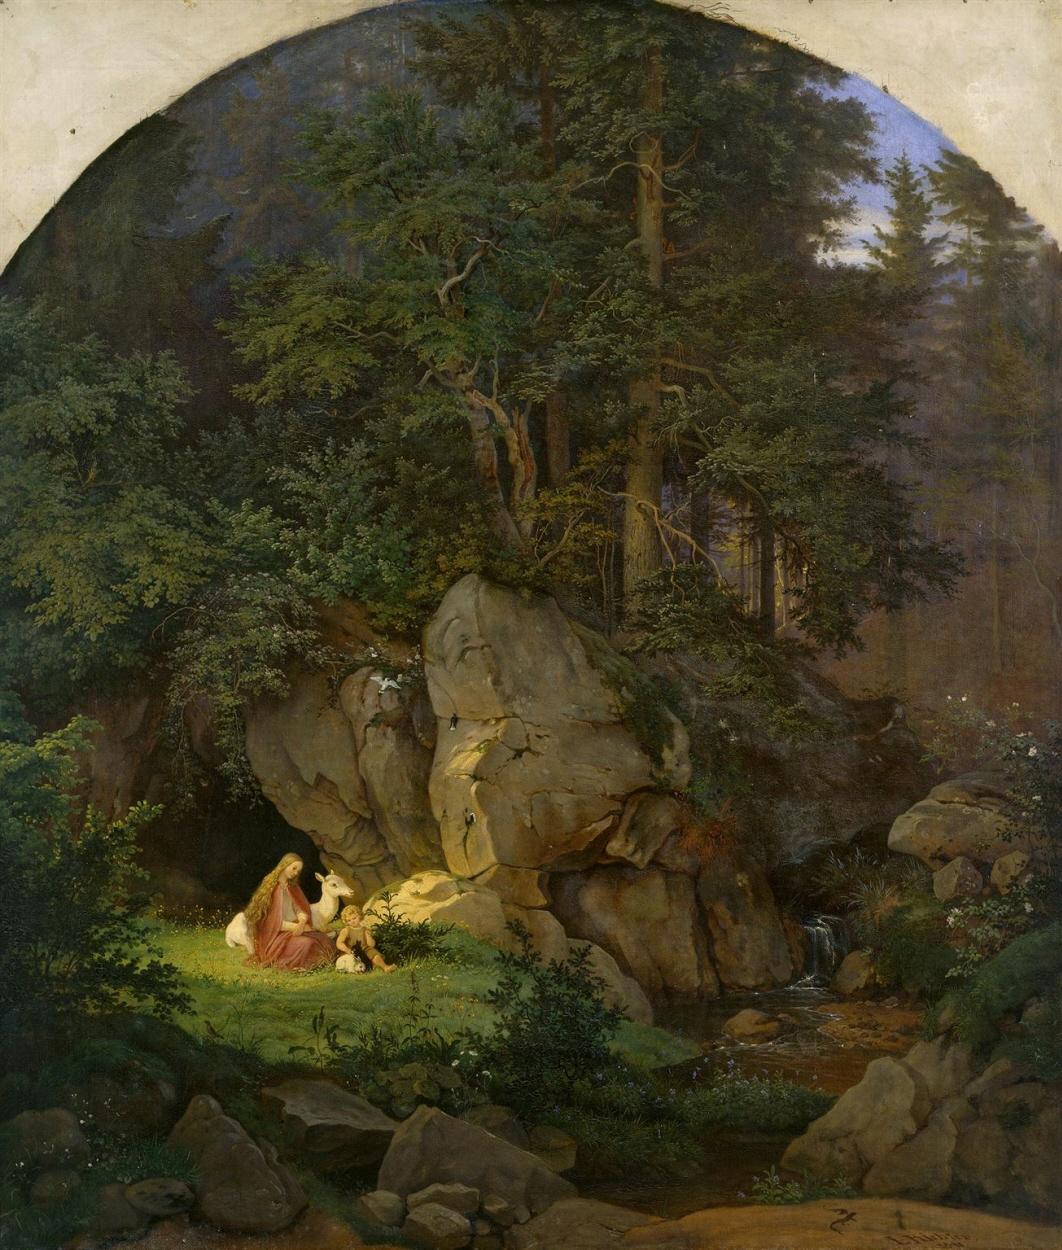 Ludwig Richter, »Genoveva in der Waldeinsamkeit«, 1841, © Hamburger Kunsthalle / bpk, Foto: Elke Walford